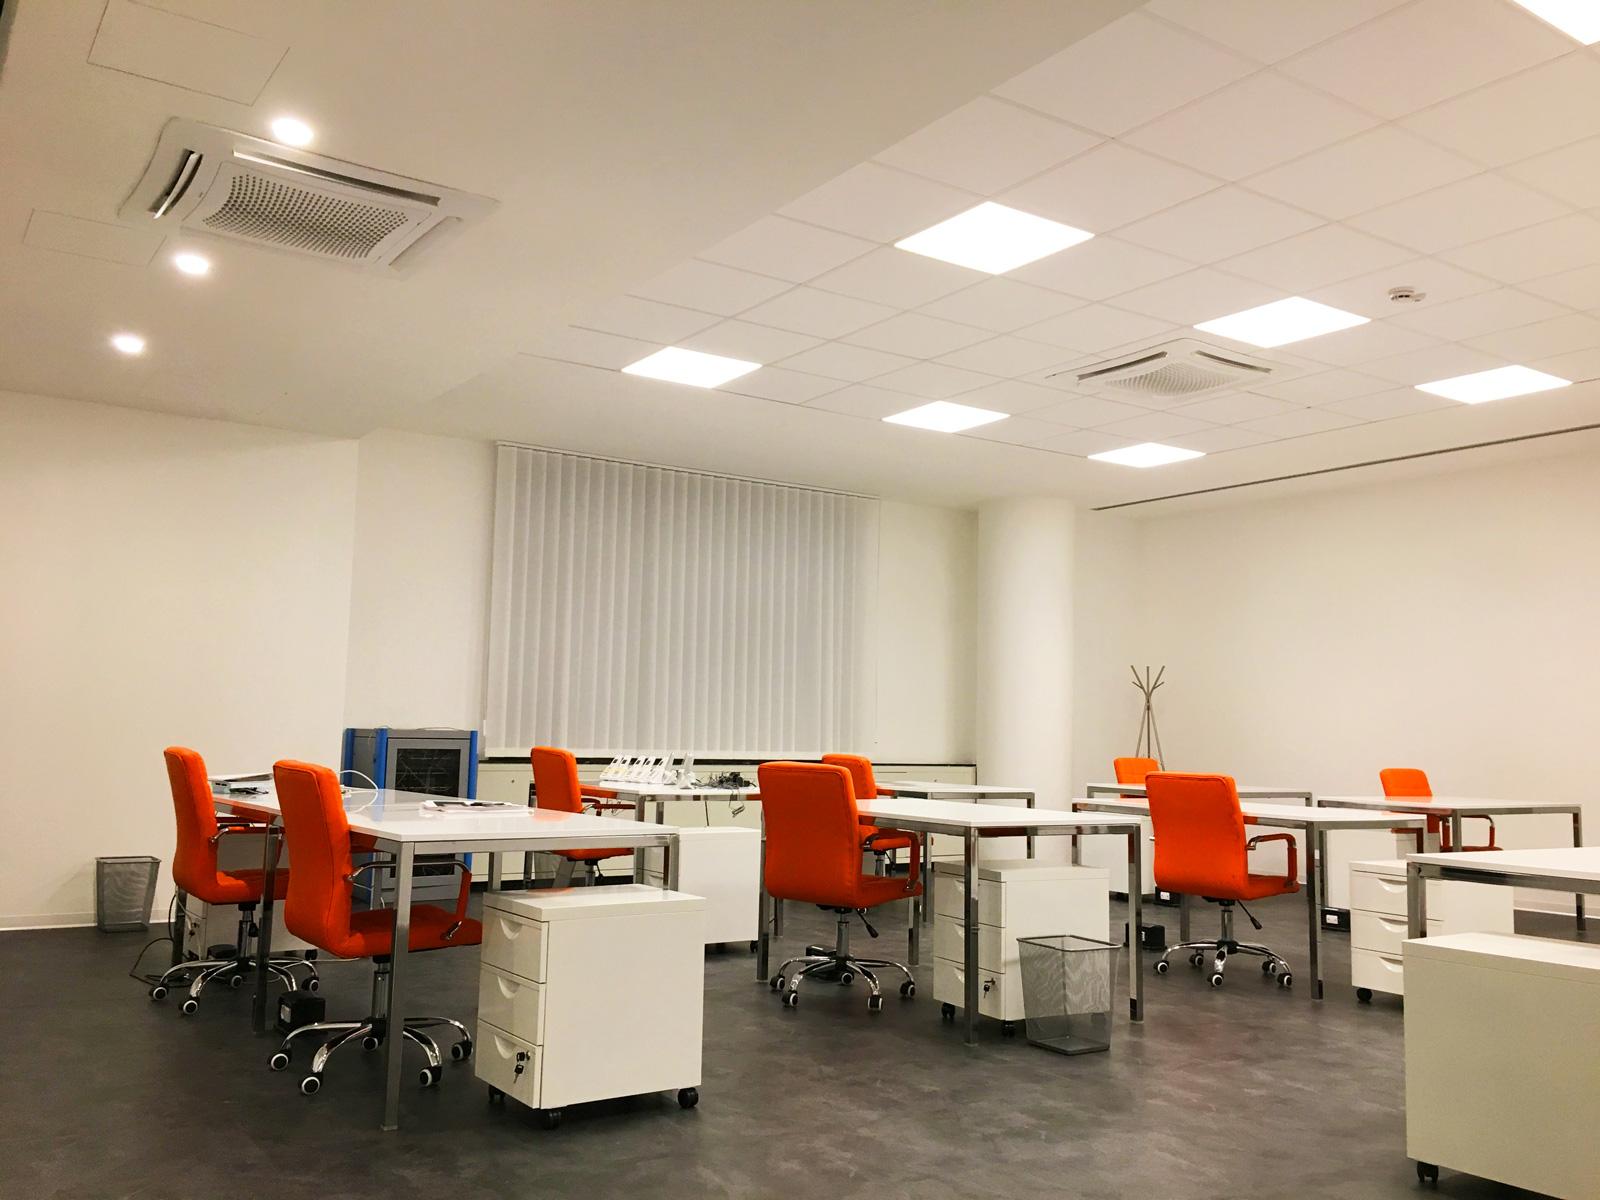 Luci Led Ufficio.Devi Creare La Giusta Illuminazione In Ufficio Rivolgiti A